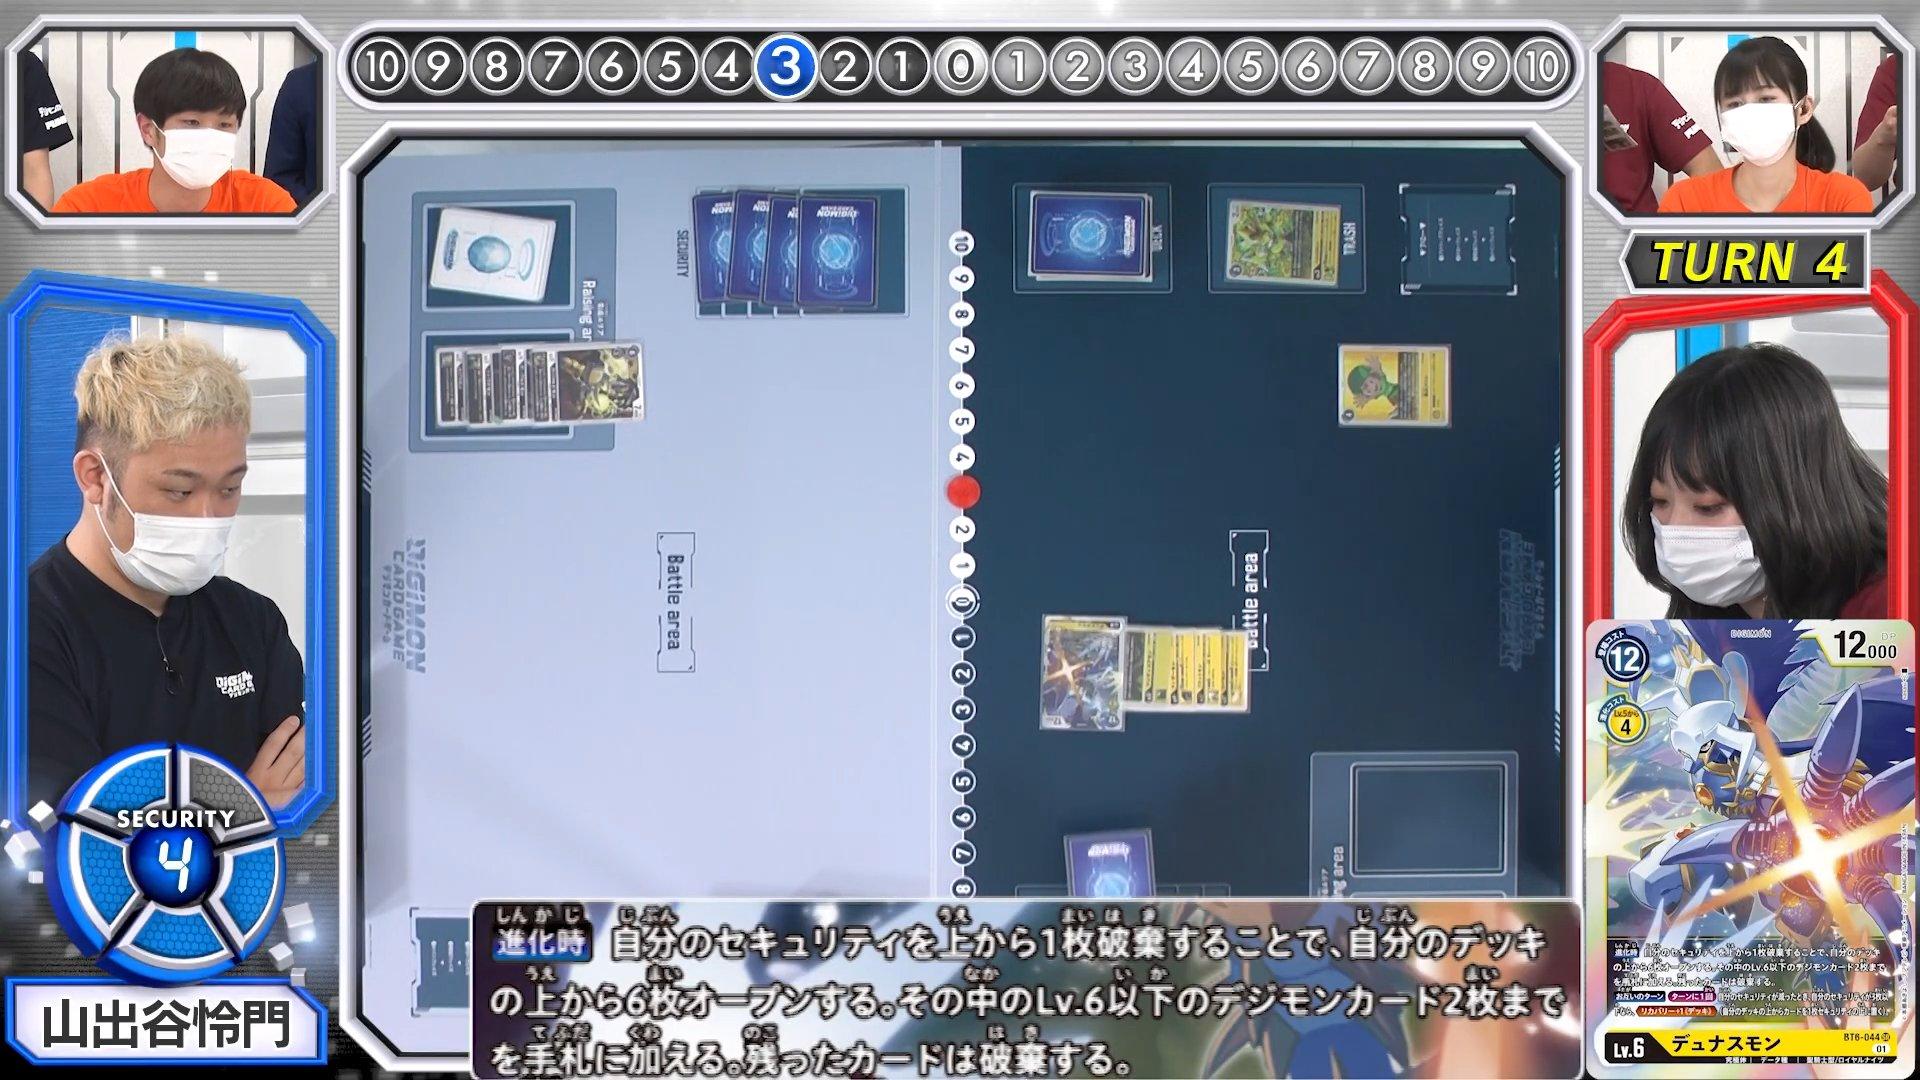 digimoncardbattle_v2_32_04_june3_2021.jpg